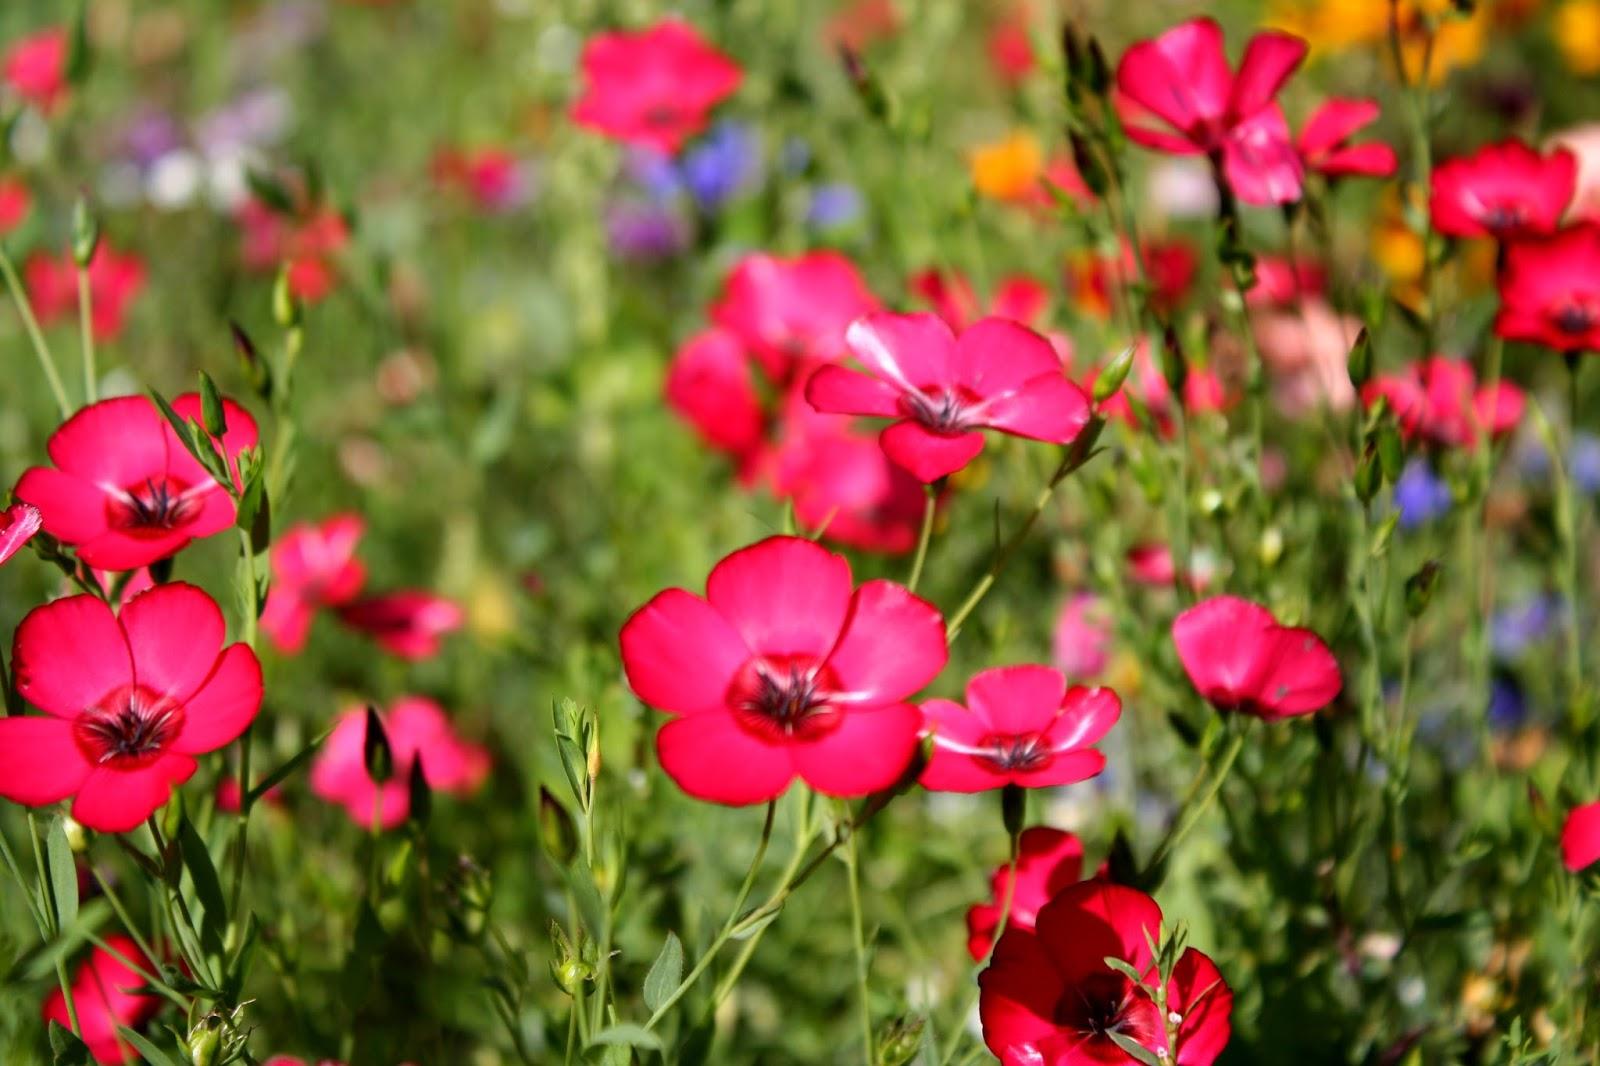 Bazarette planter un bouquet de fleurs - Fleur de jachere ...